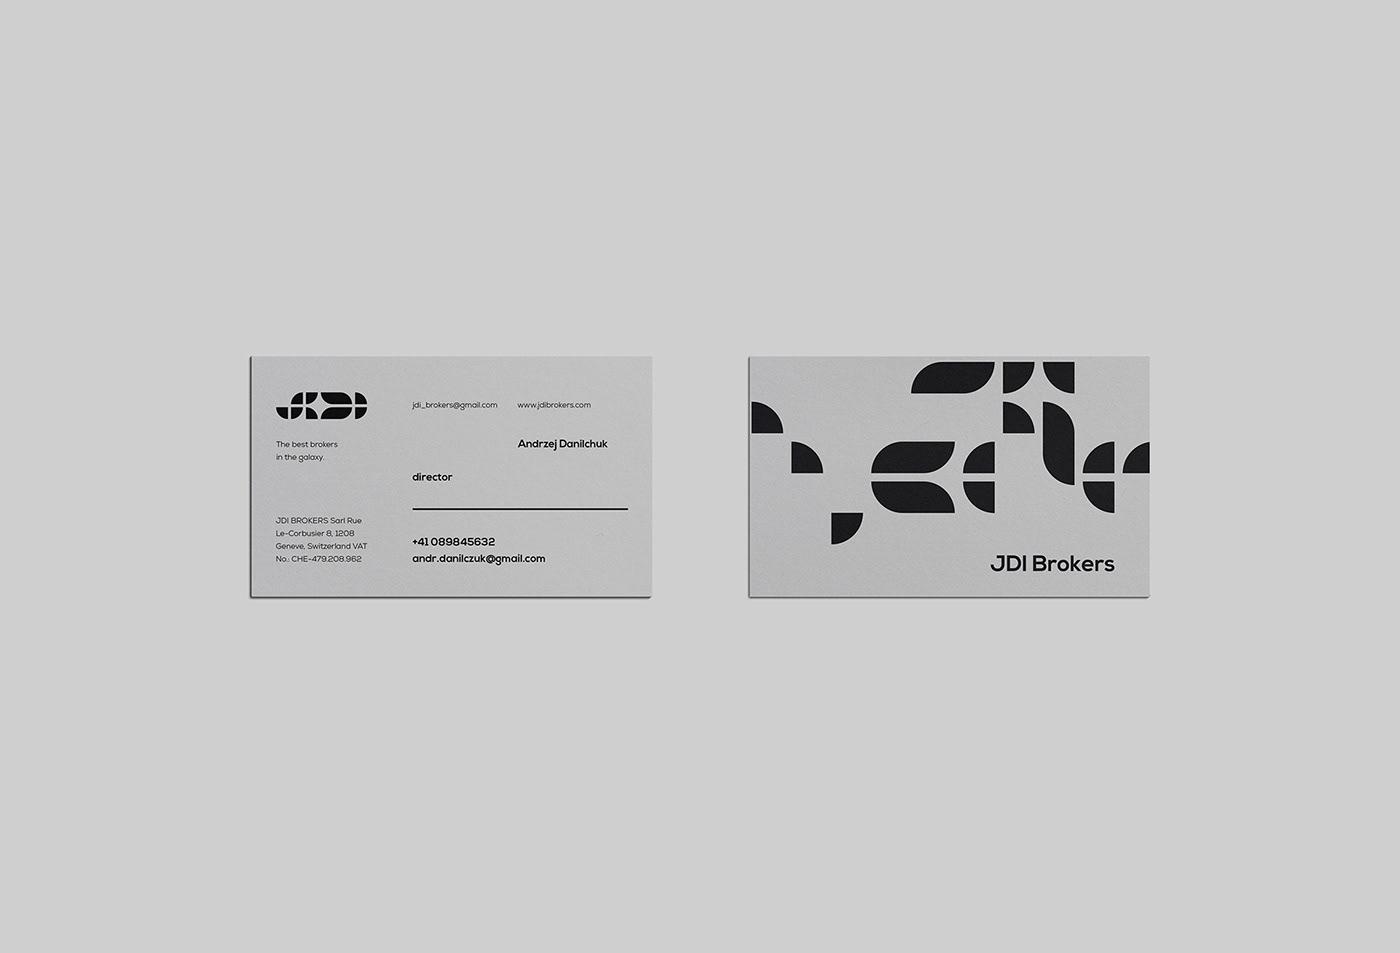 brand brokers identity jedi Logistics logo pattern poster stars star wars